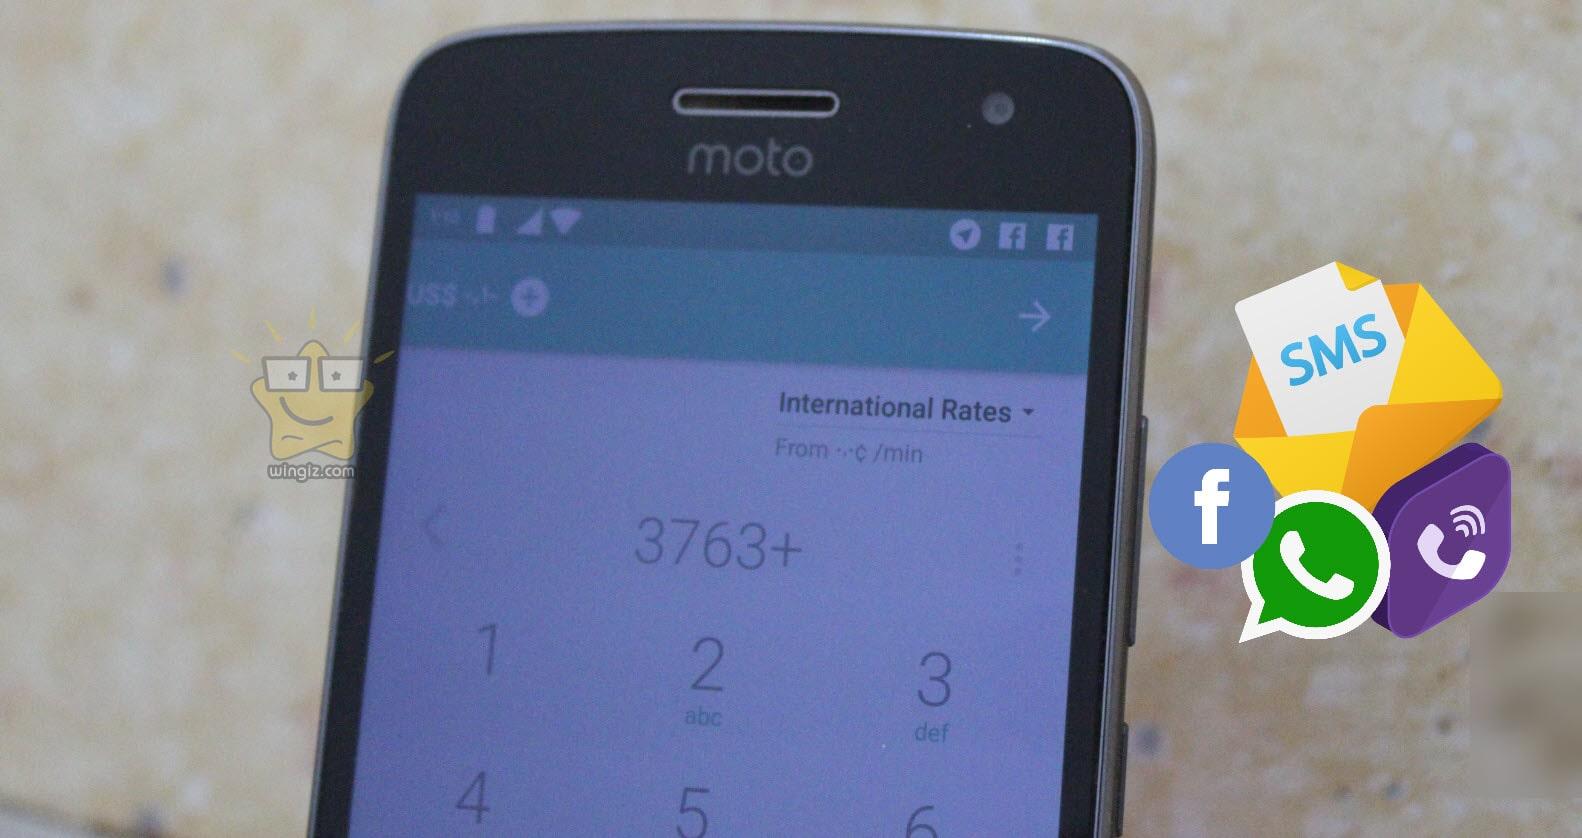 دليل كامل للحصول علي رقم هاتف مؤقت لتفعيل الحسابات [مواقع، تطبيقات]